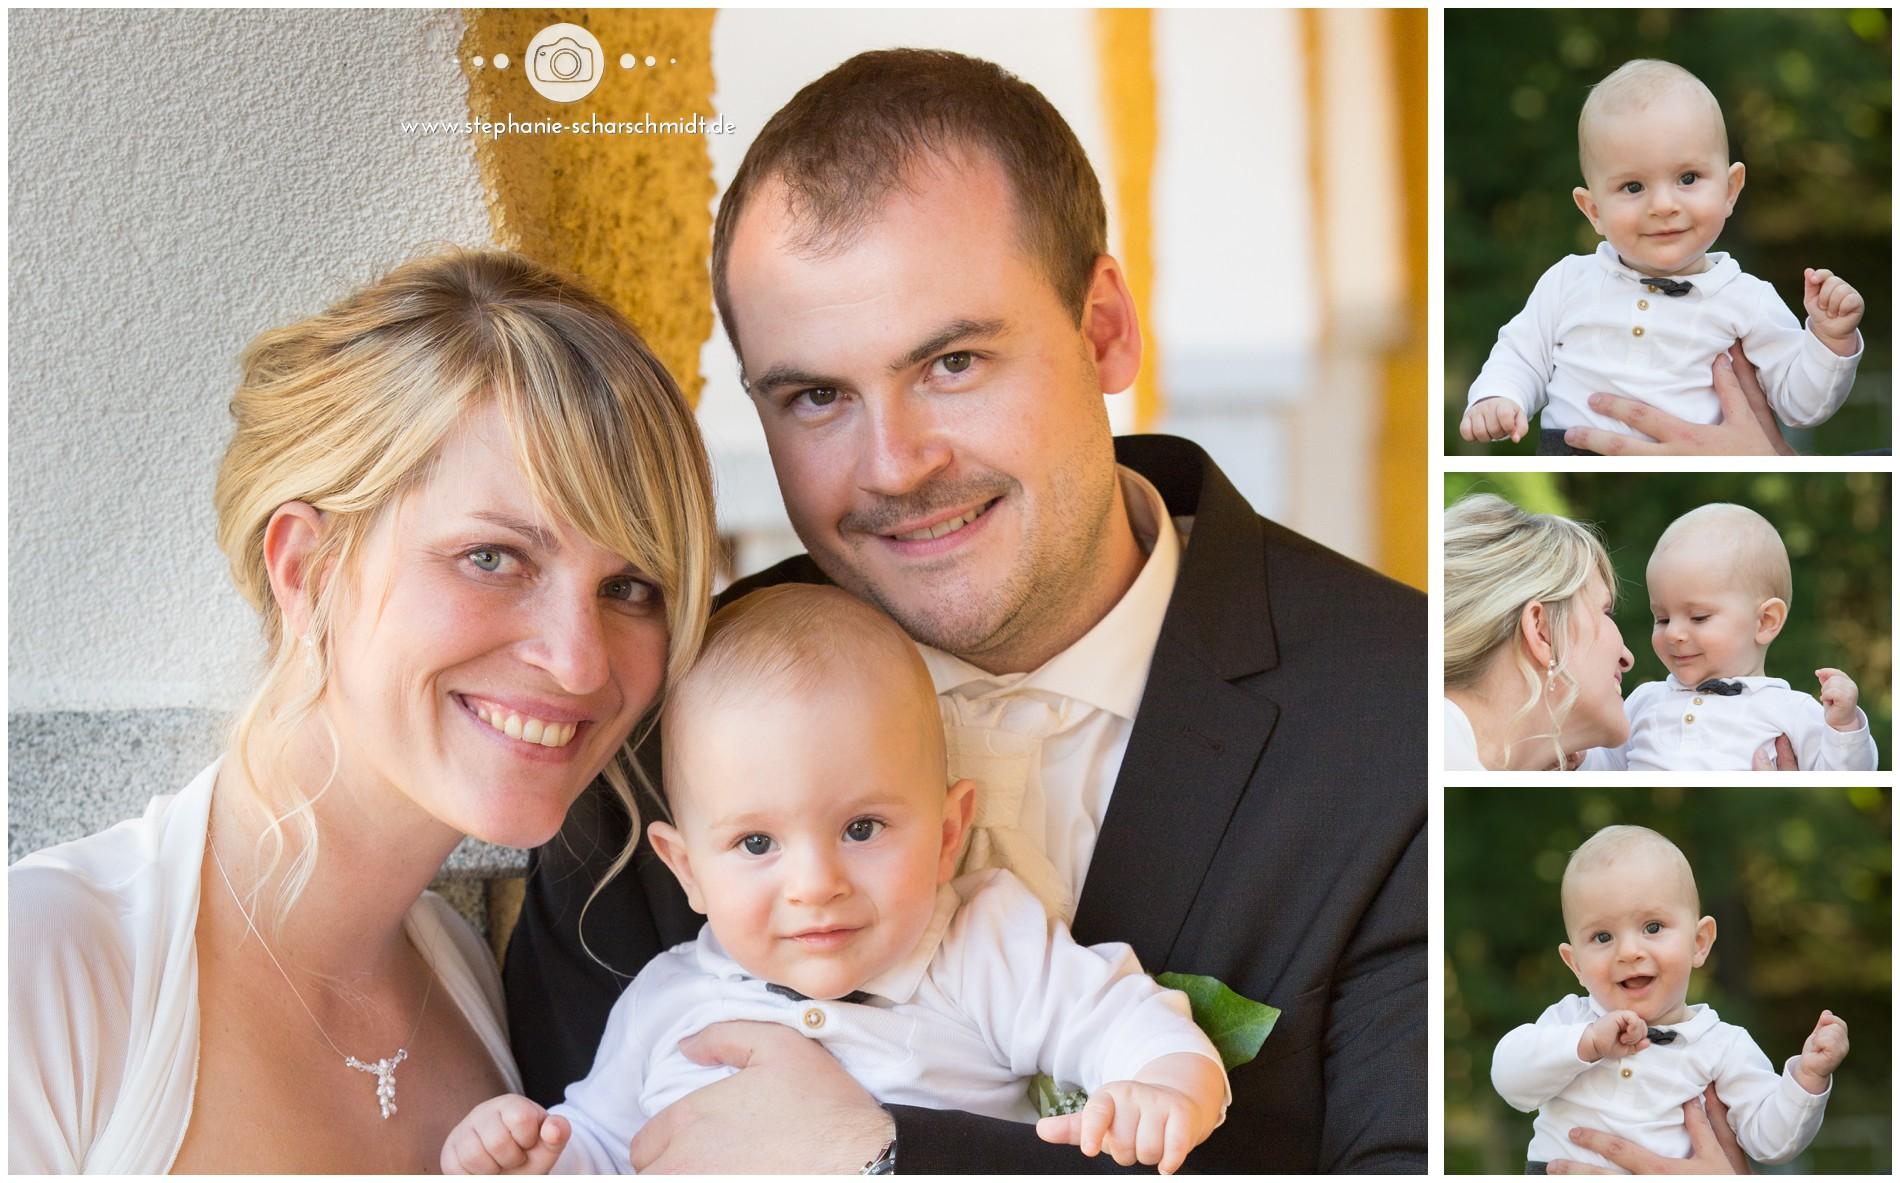 Kinderfotos auf internationale Hochzeiten